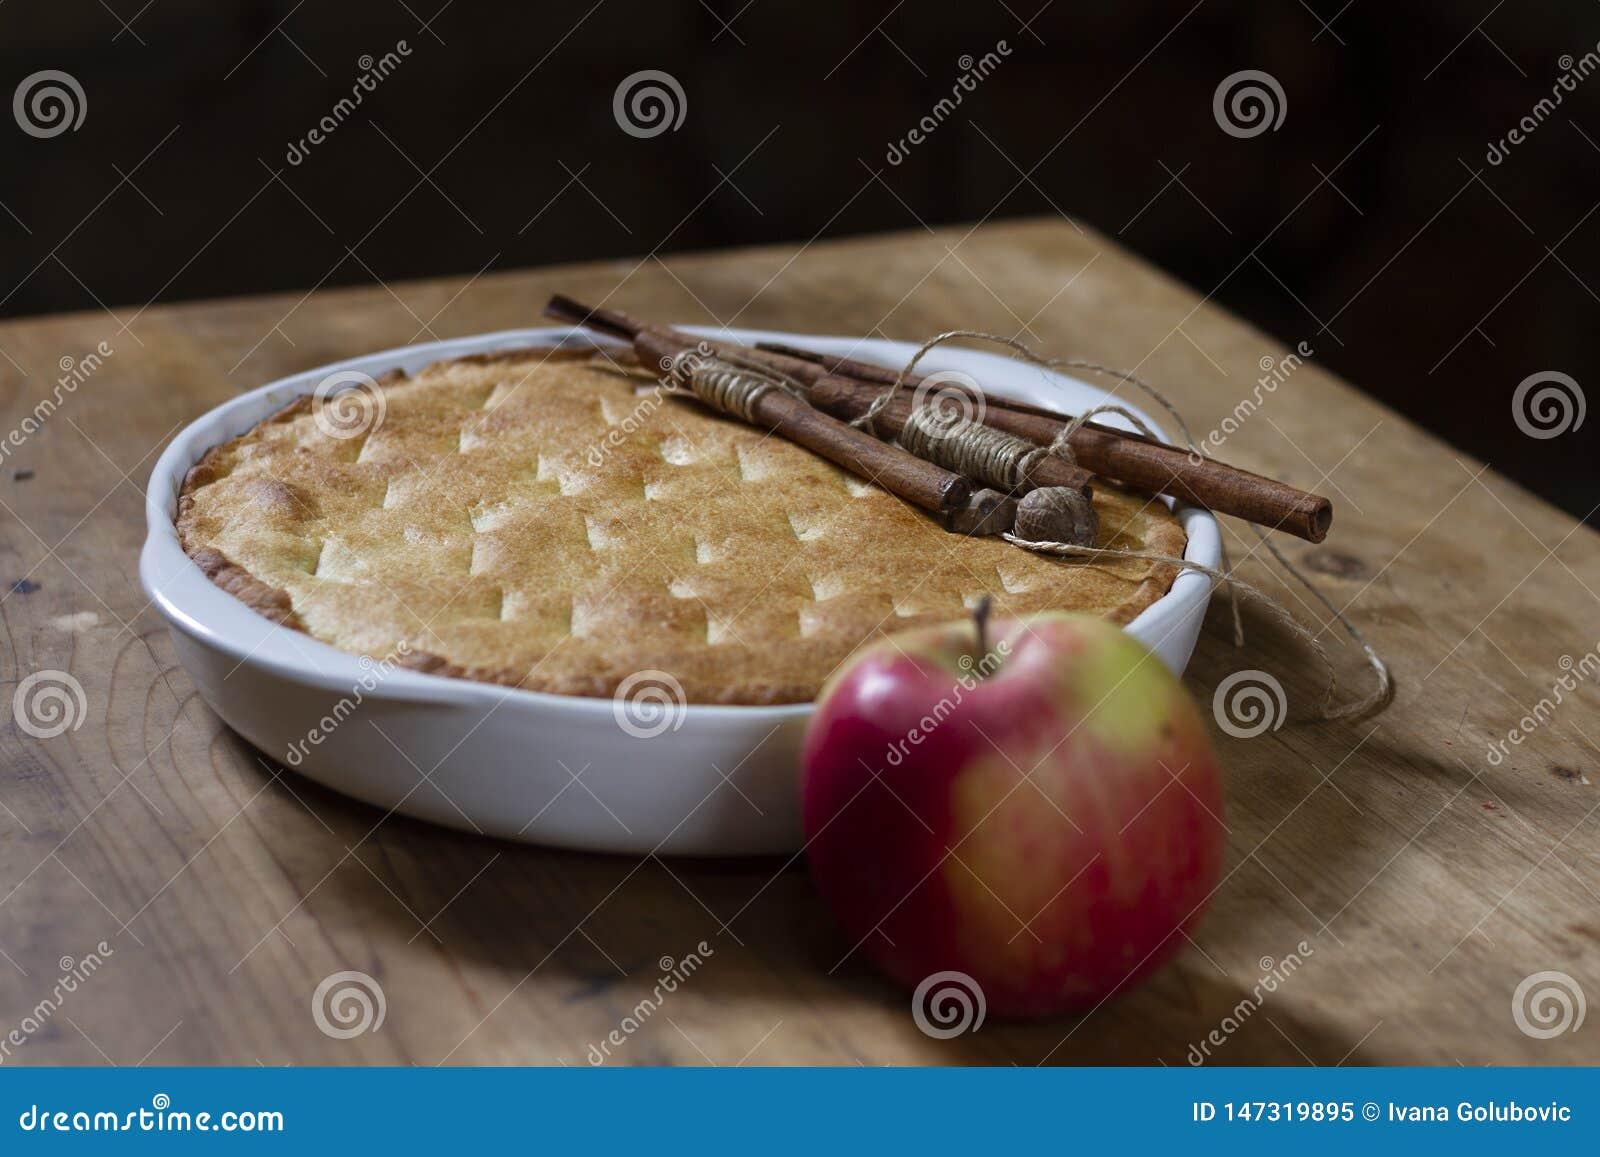 Torta de Apple em um prato de cozimento cerâmico branco com varas de canela